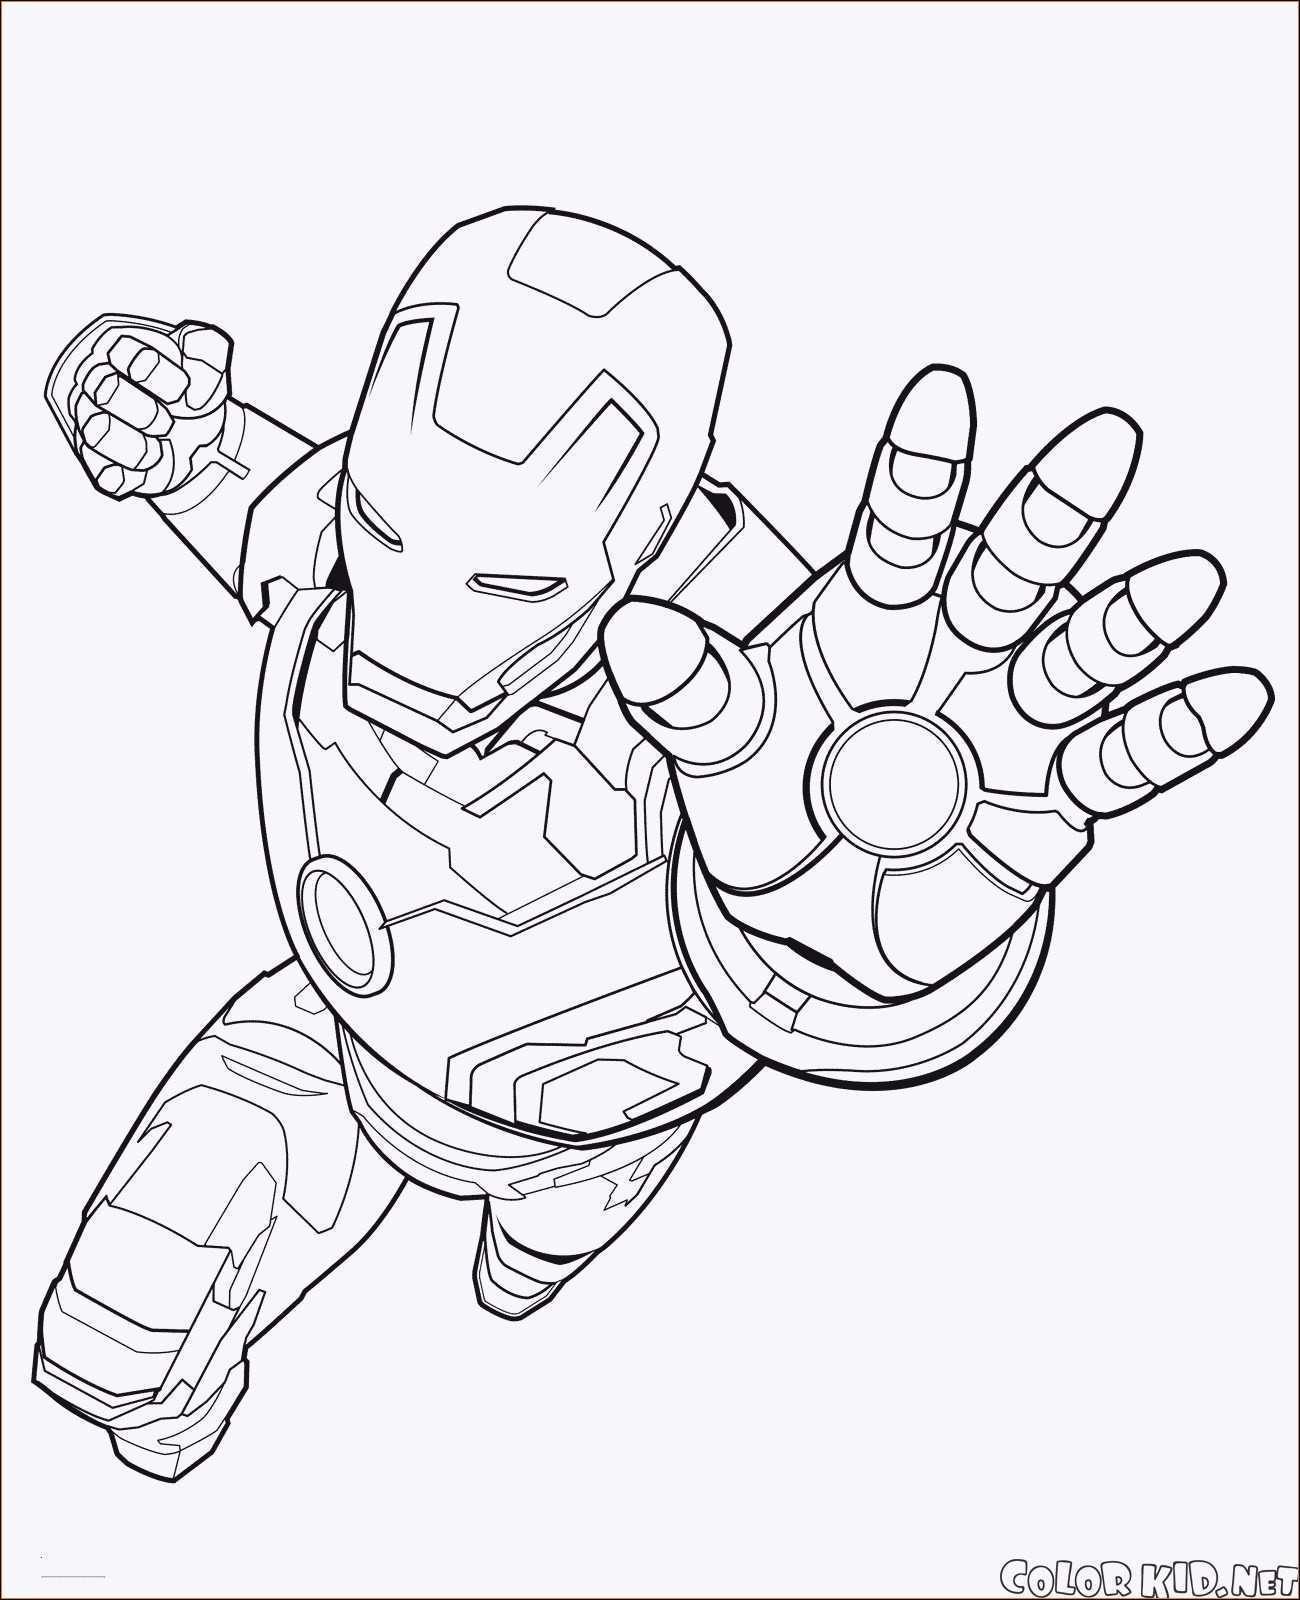 Ausmalbilder Marvel  Marvel Superhelden Ausmalbilder Ideen – Ausmalbilder Ideen